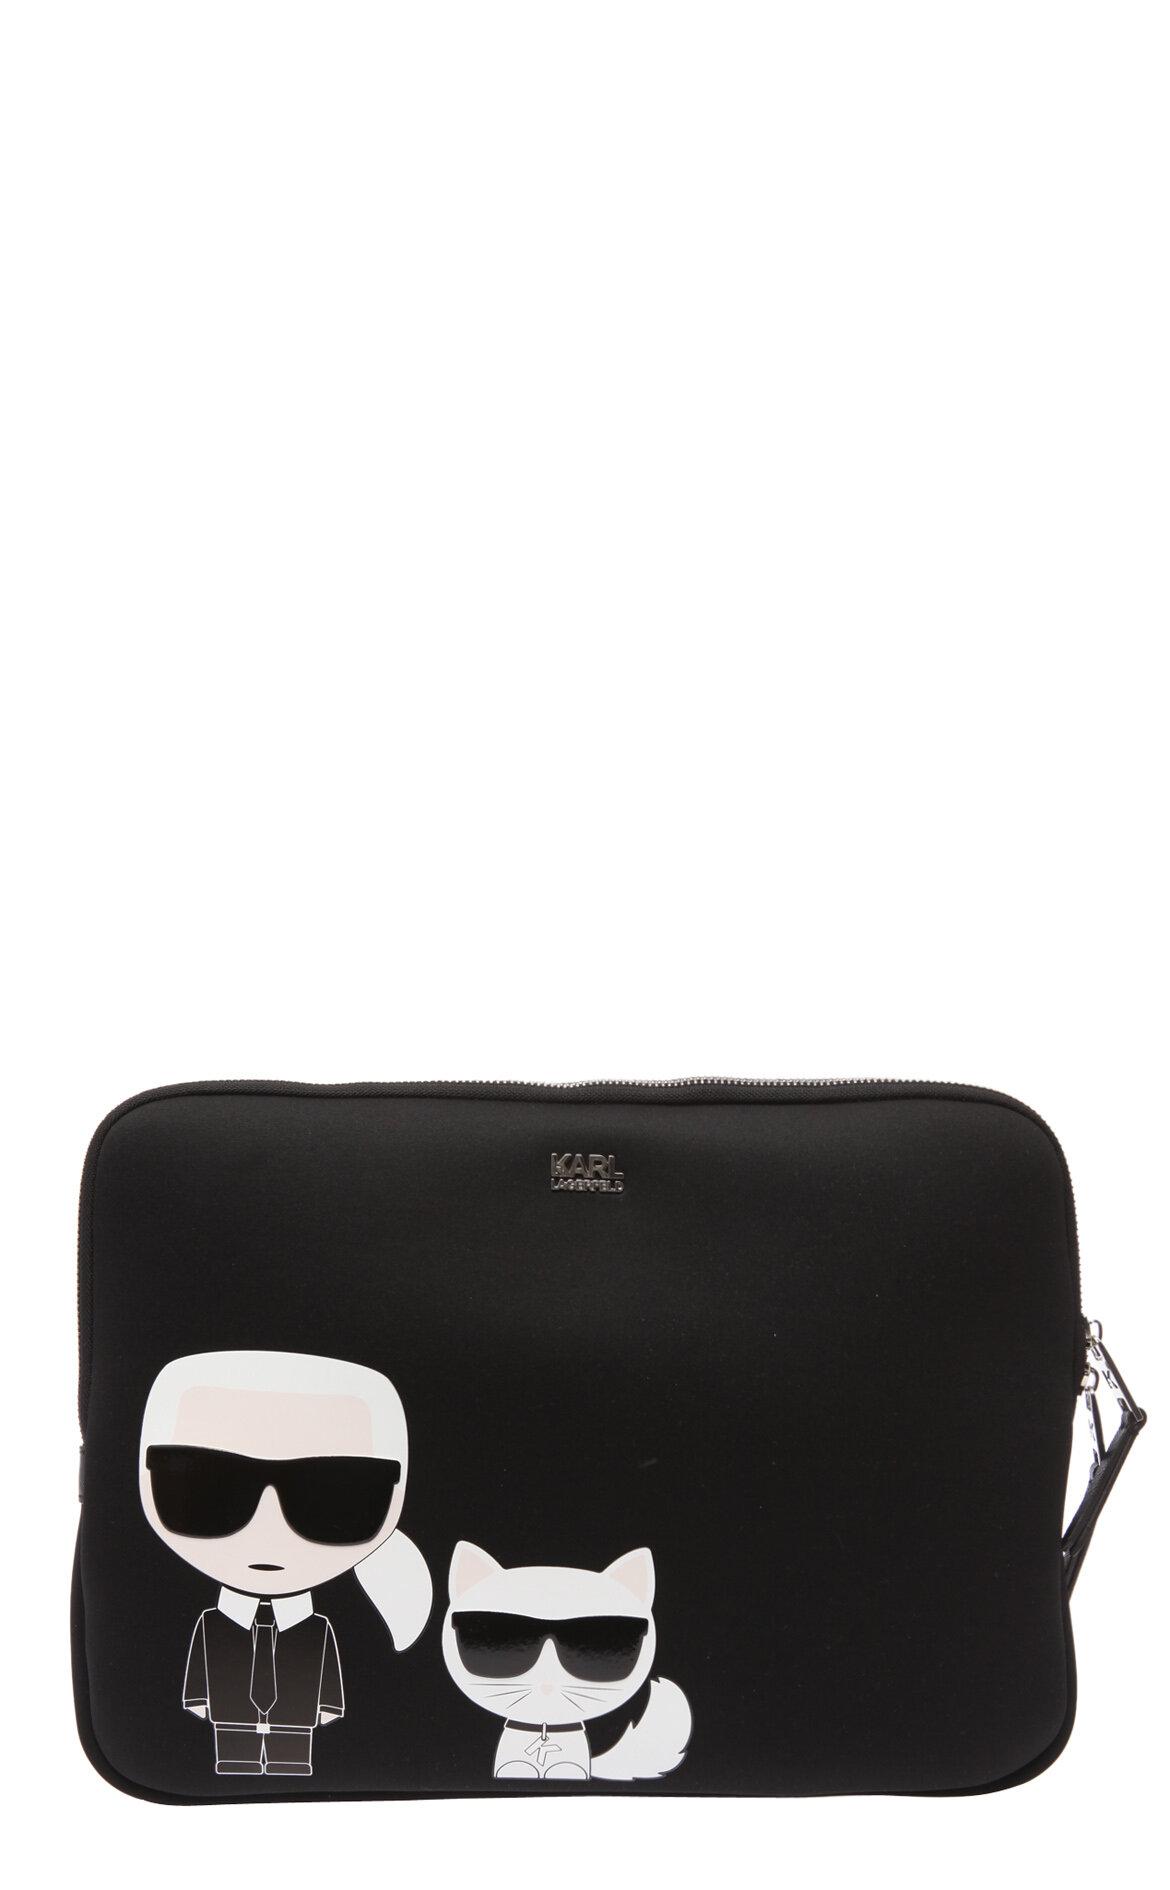 Karl Lagerfeld-karl Lagerfeld Bilgisayar Çantası